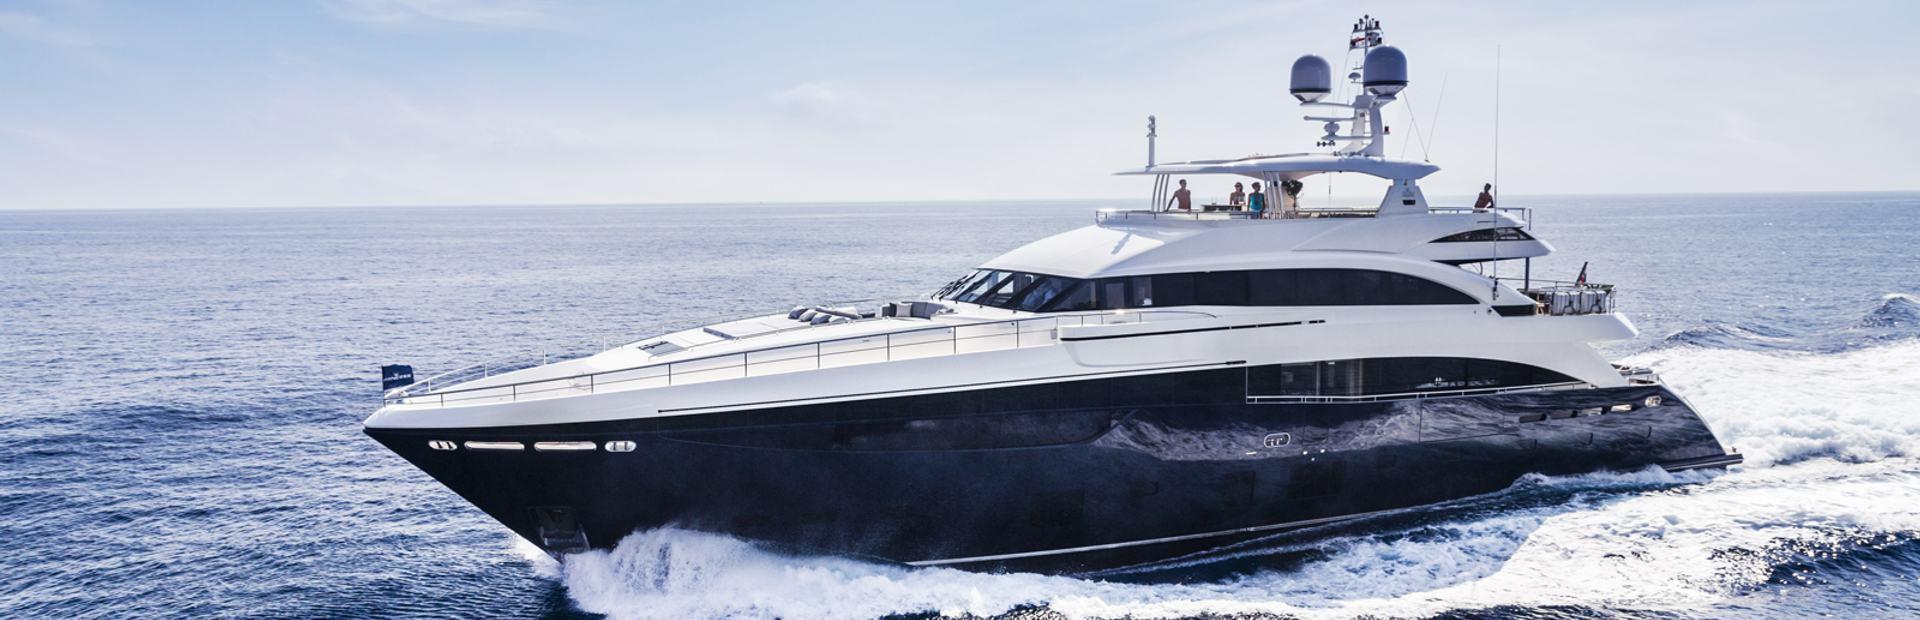 Princess 40M Yacht Charter